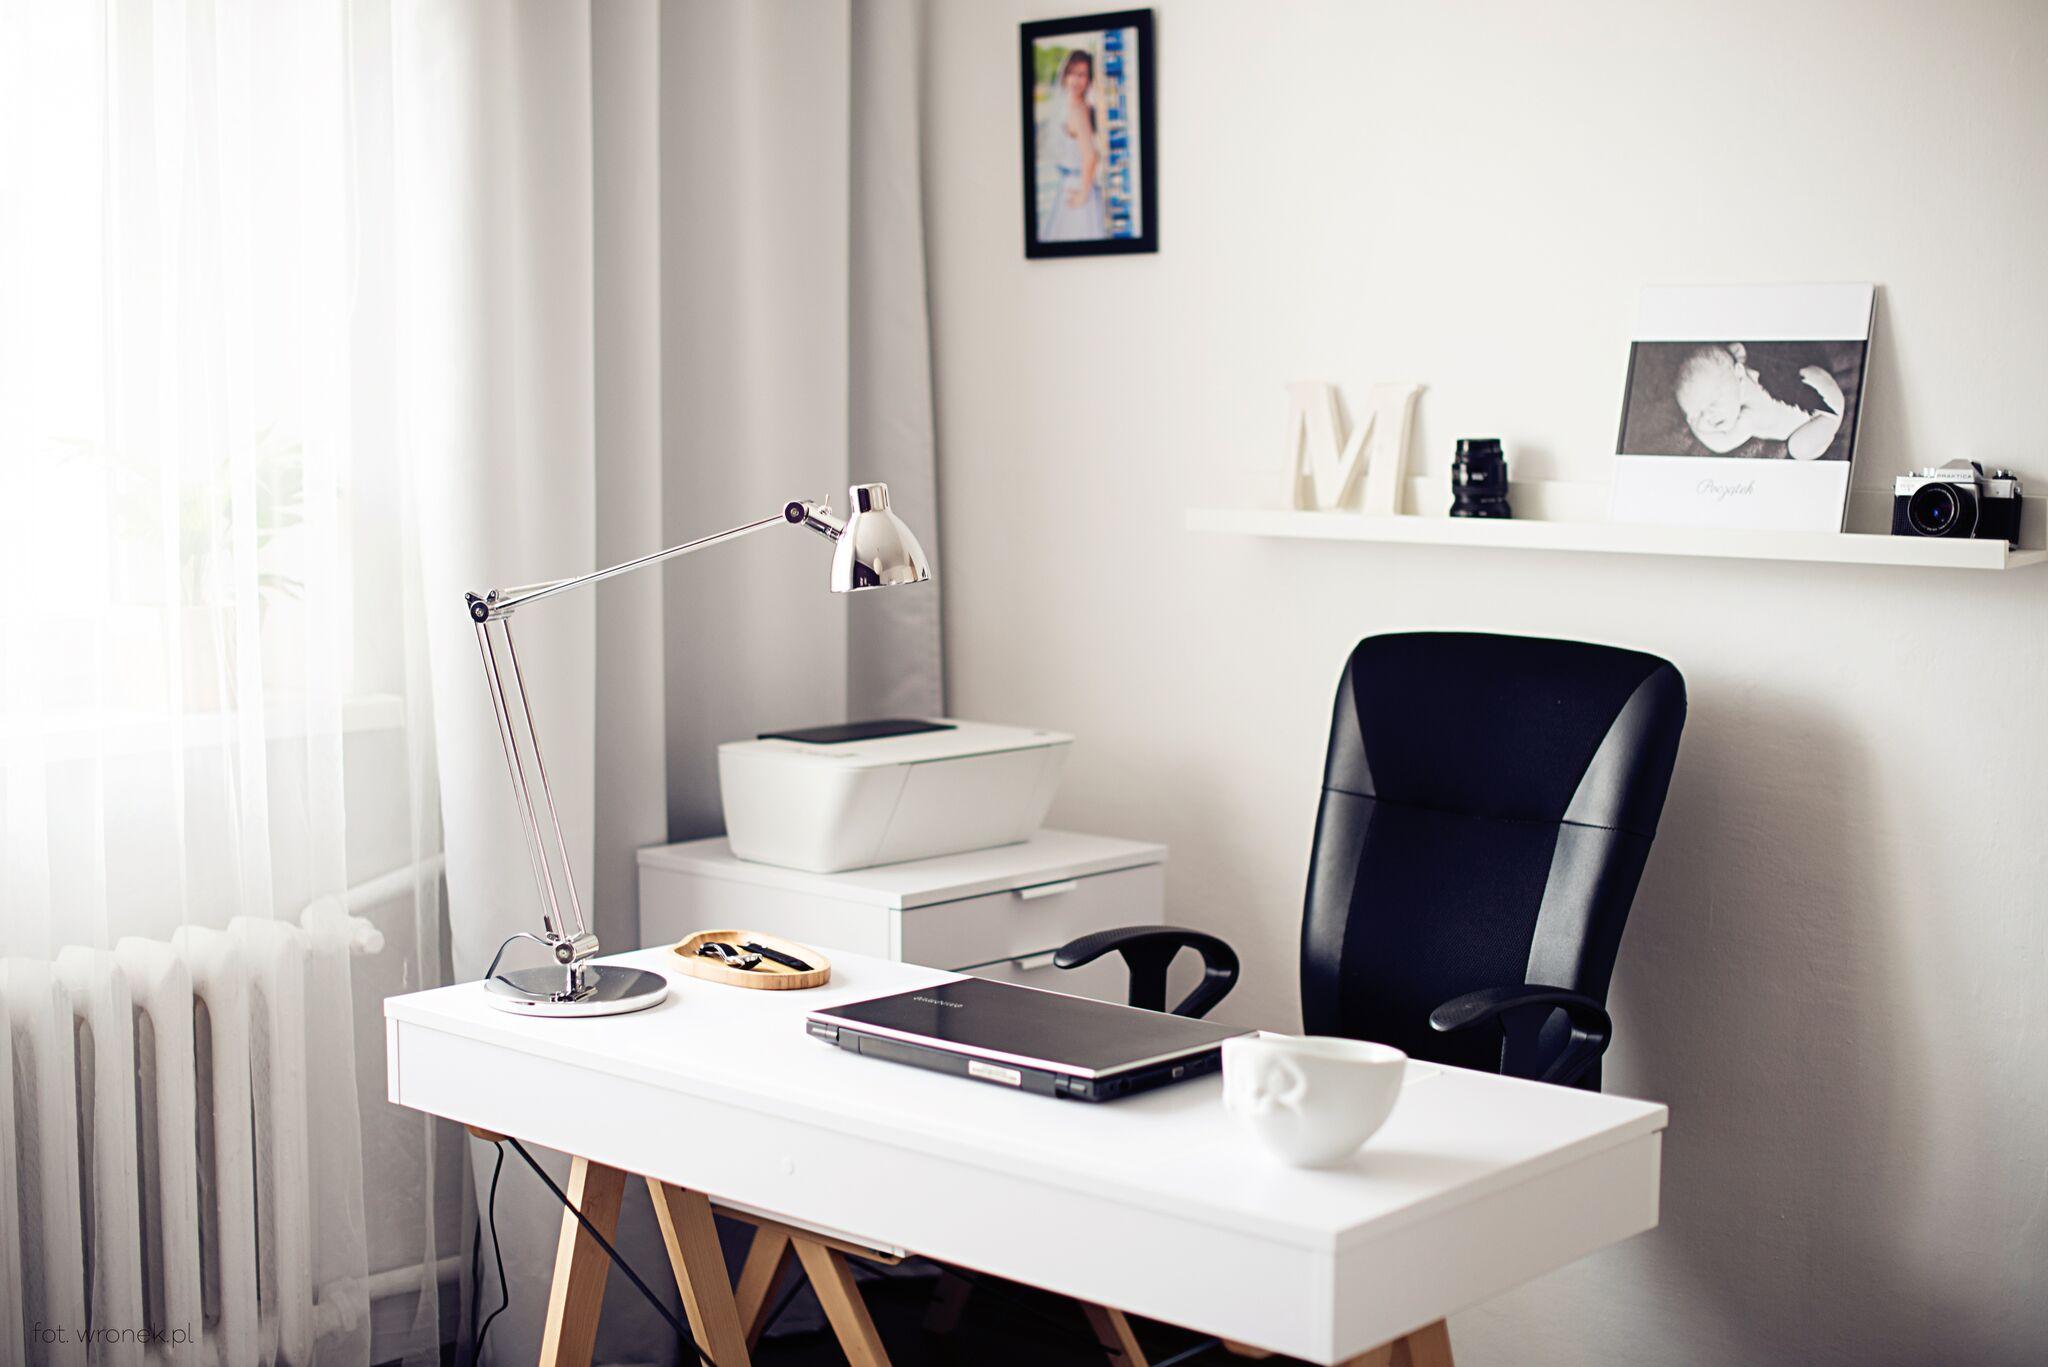 biurko basic white minko ideal design